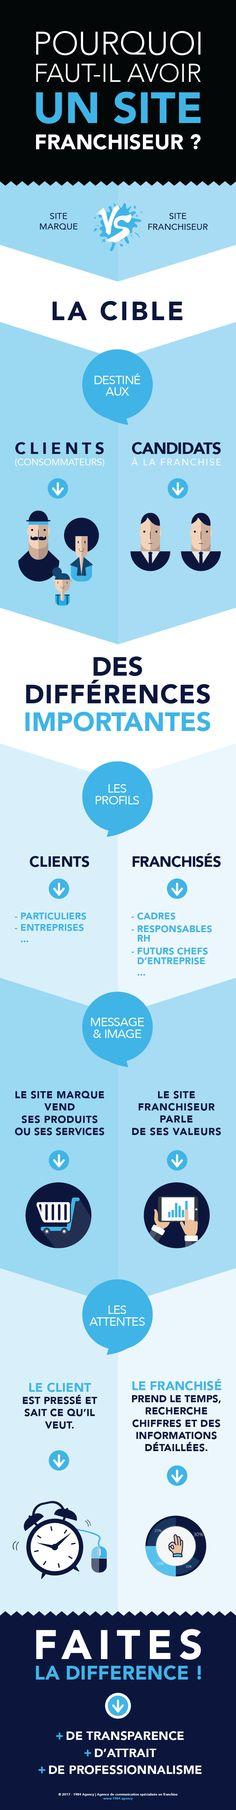 Infographie : Pourquoi avoir un site franchiseur ?  #franchise